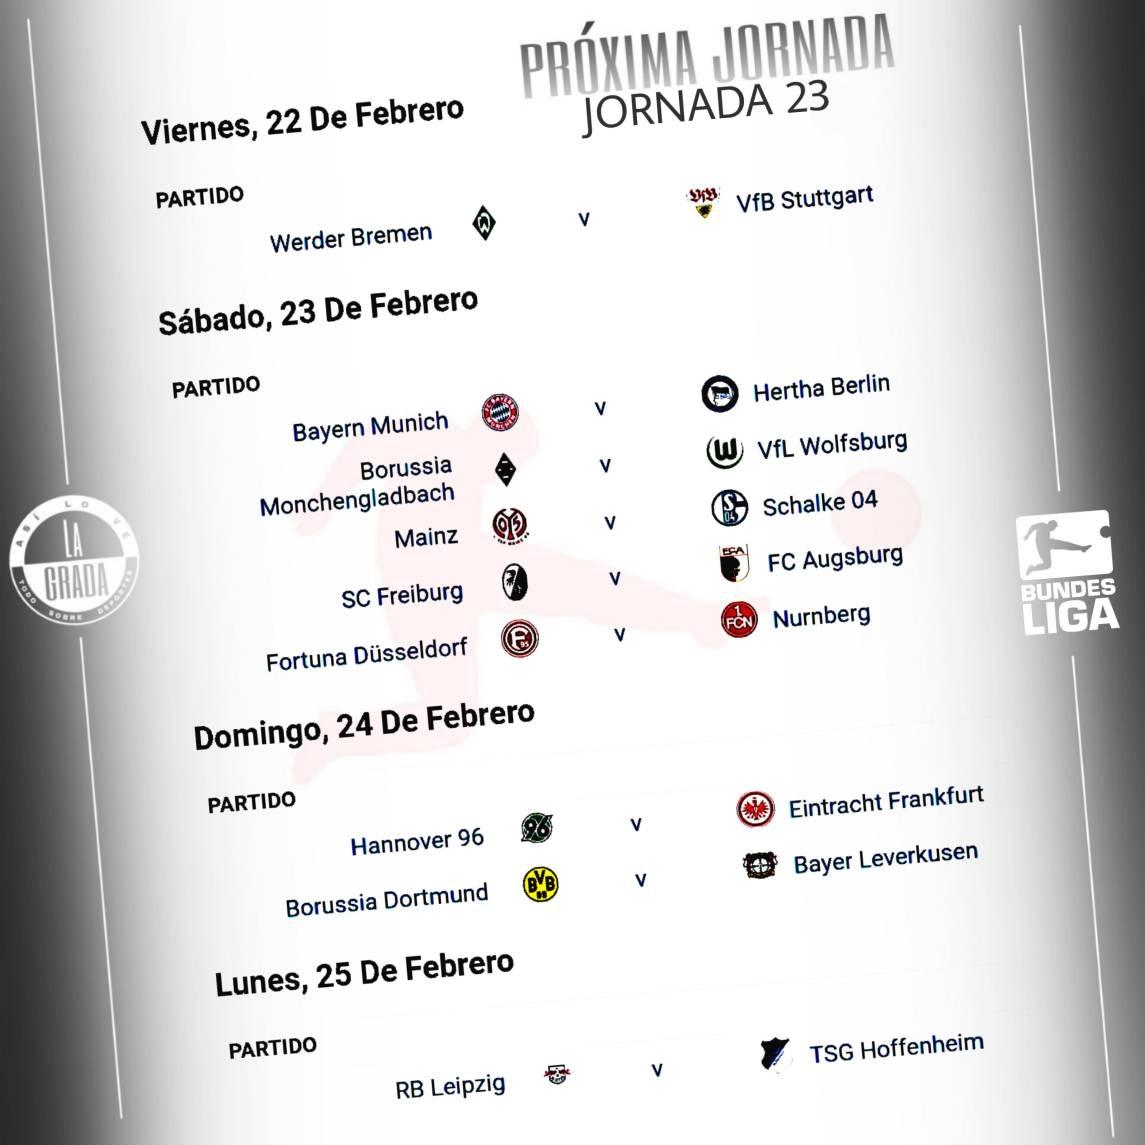 #JORNADA23 Estos son los partidos del fin de semana en la Bundesliga. Por: @asilovelagrada.  #futbol #bundesliga #borussiadortmund #bayernmunich #herthaberlin #asilovelagrada #asilovelagradafutbol #jornada23 #germany #alemania #deutschland #soccer #munich #bayernmunchen